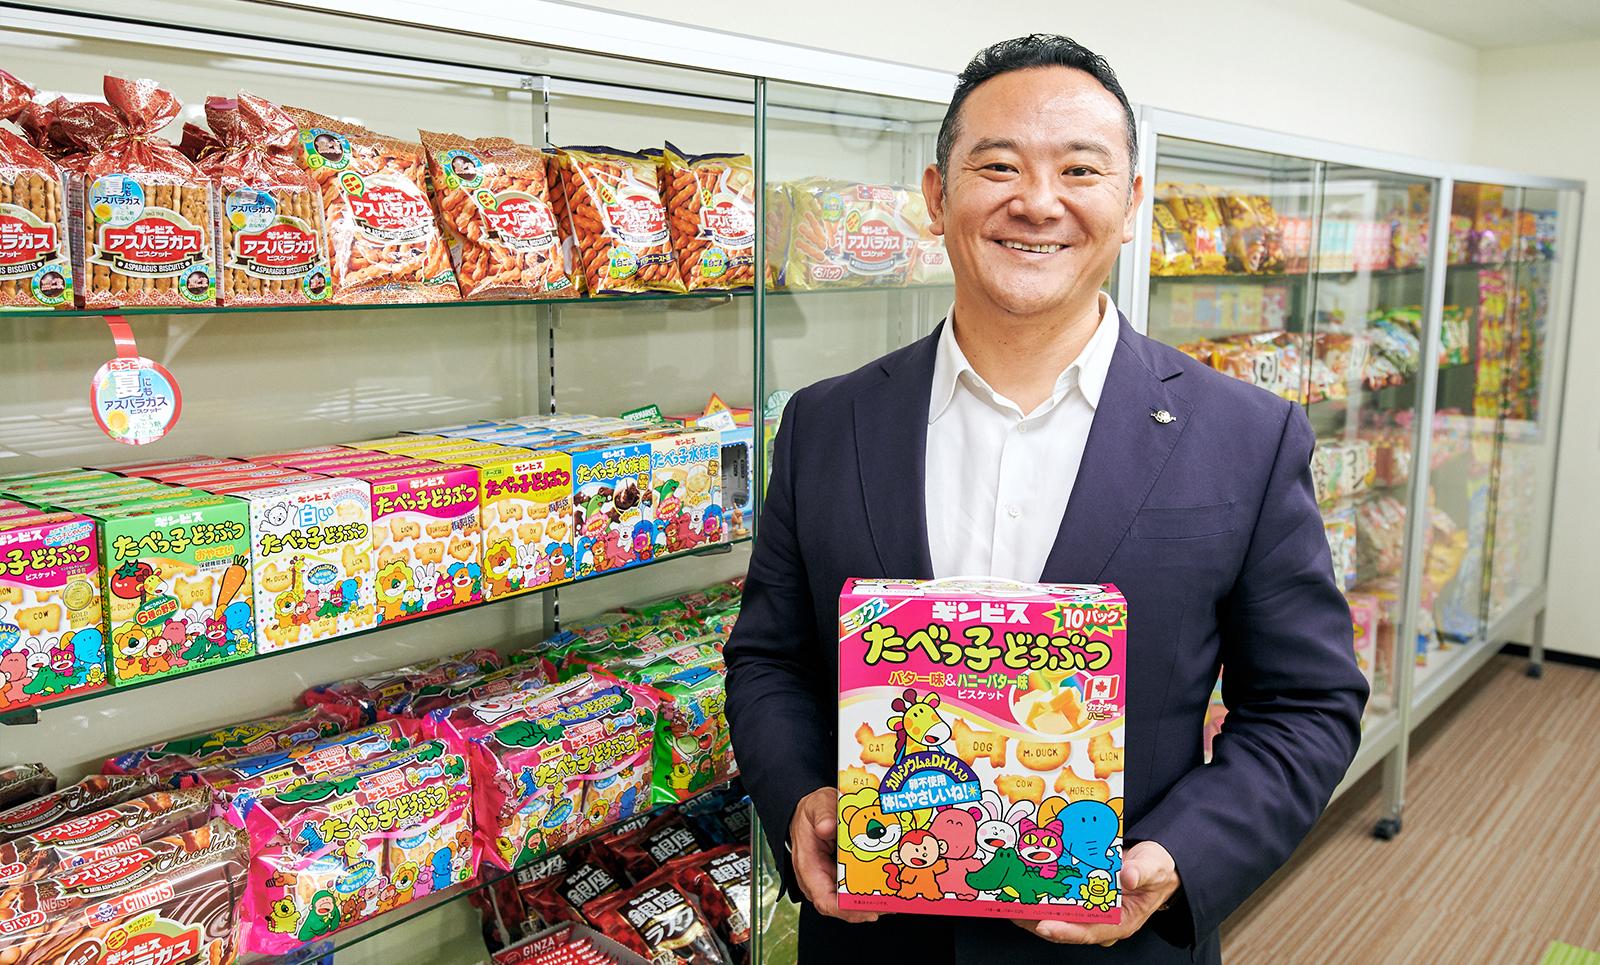 株式会社ギンビス 代表取締役社長 宮本周治さん